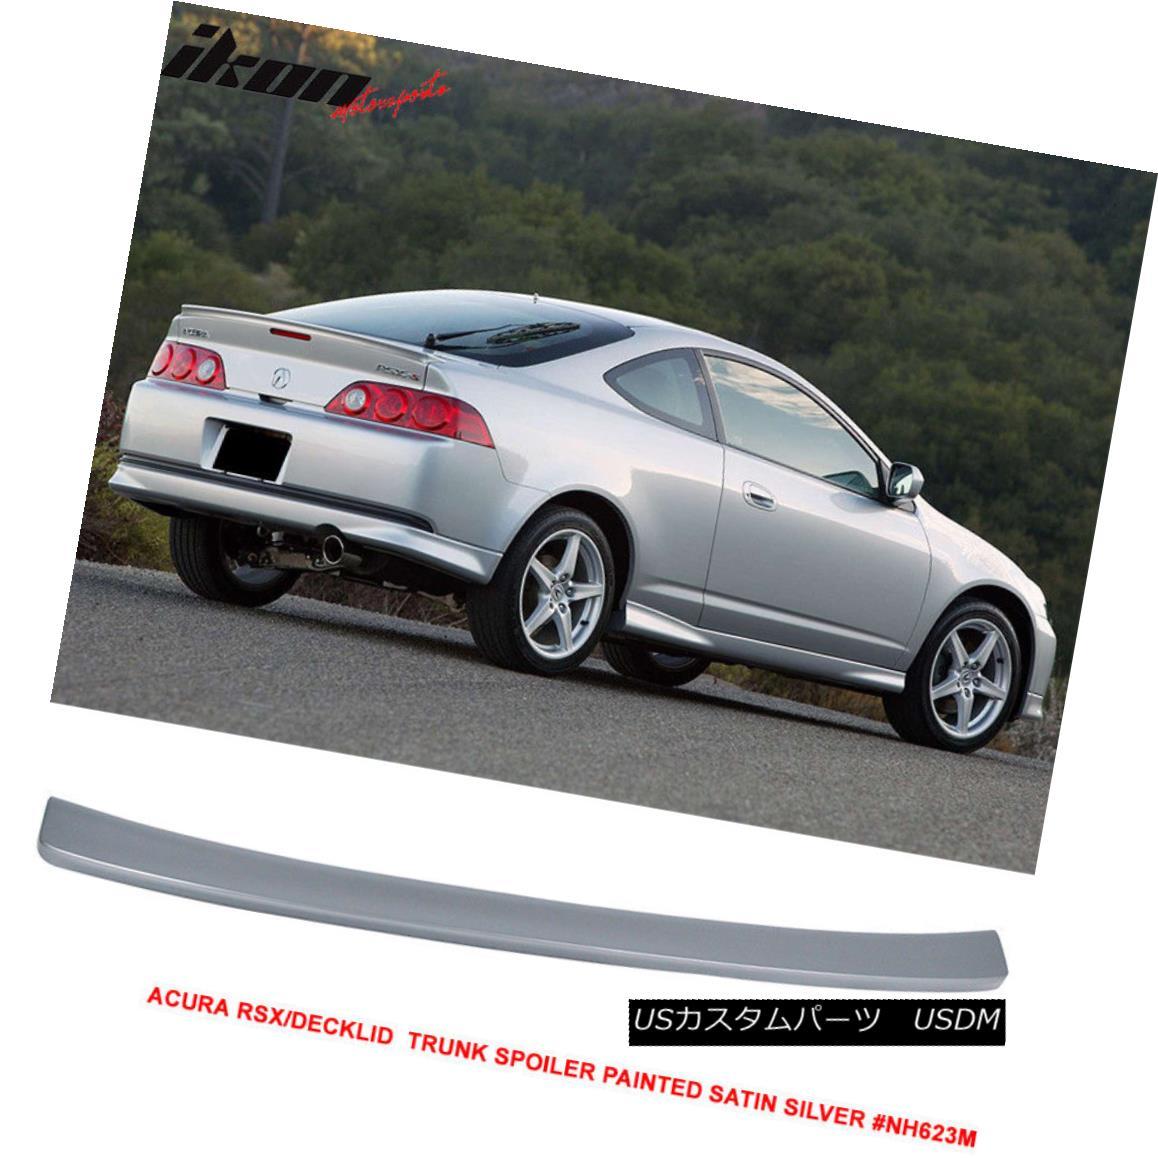 エアロパーツ 02-06 Acura RSX OE Style Trunk Spoiler Decklid Painted Satin Silver #NH623M 02-06アキュラRSX OEスタイルトランクスポイラーデクライド塗装サテンシルバー#NH623M